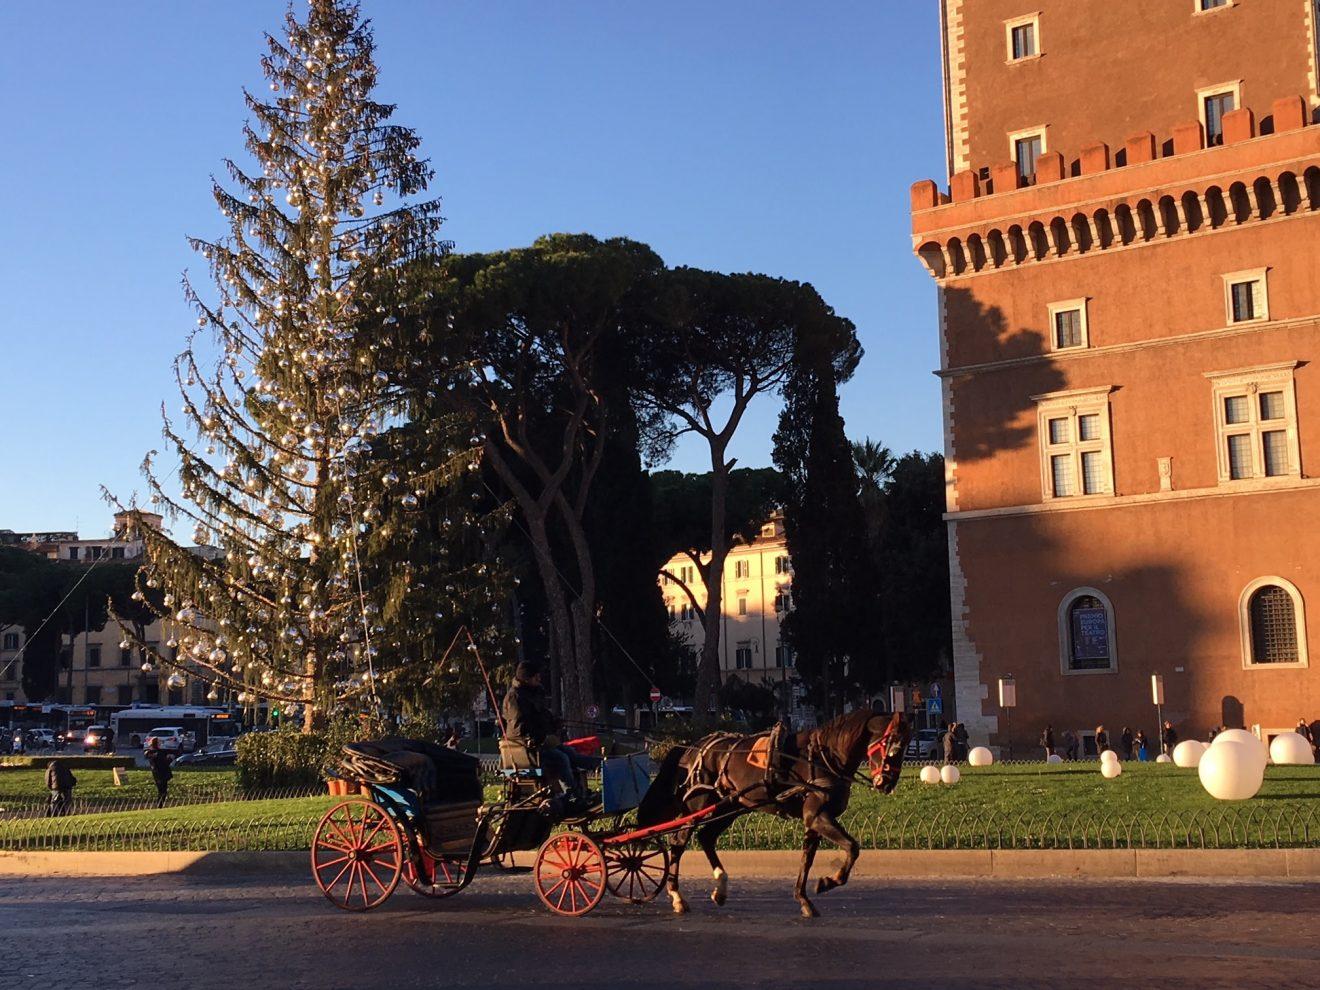 L'ultimo viaggio di Spelacchio: il Comune di Roma annuncia la 'nuova vita' del celebre albero di Natale